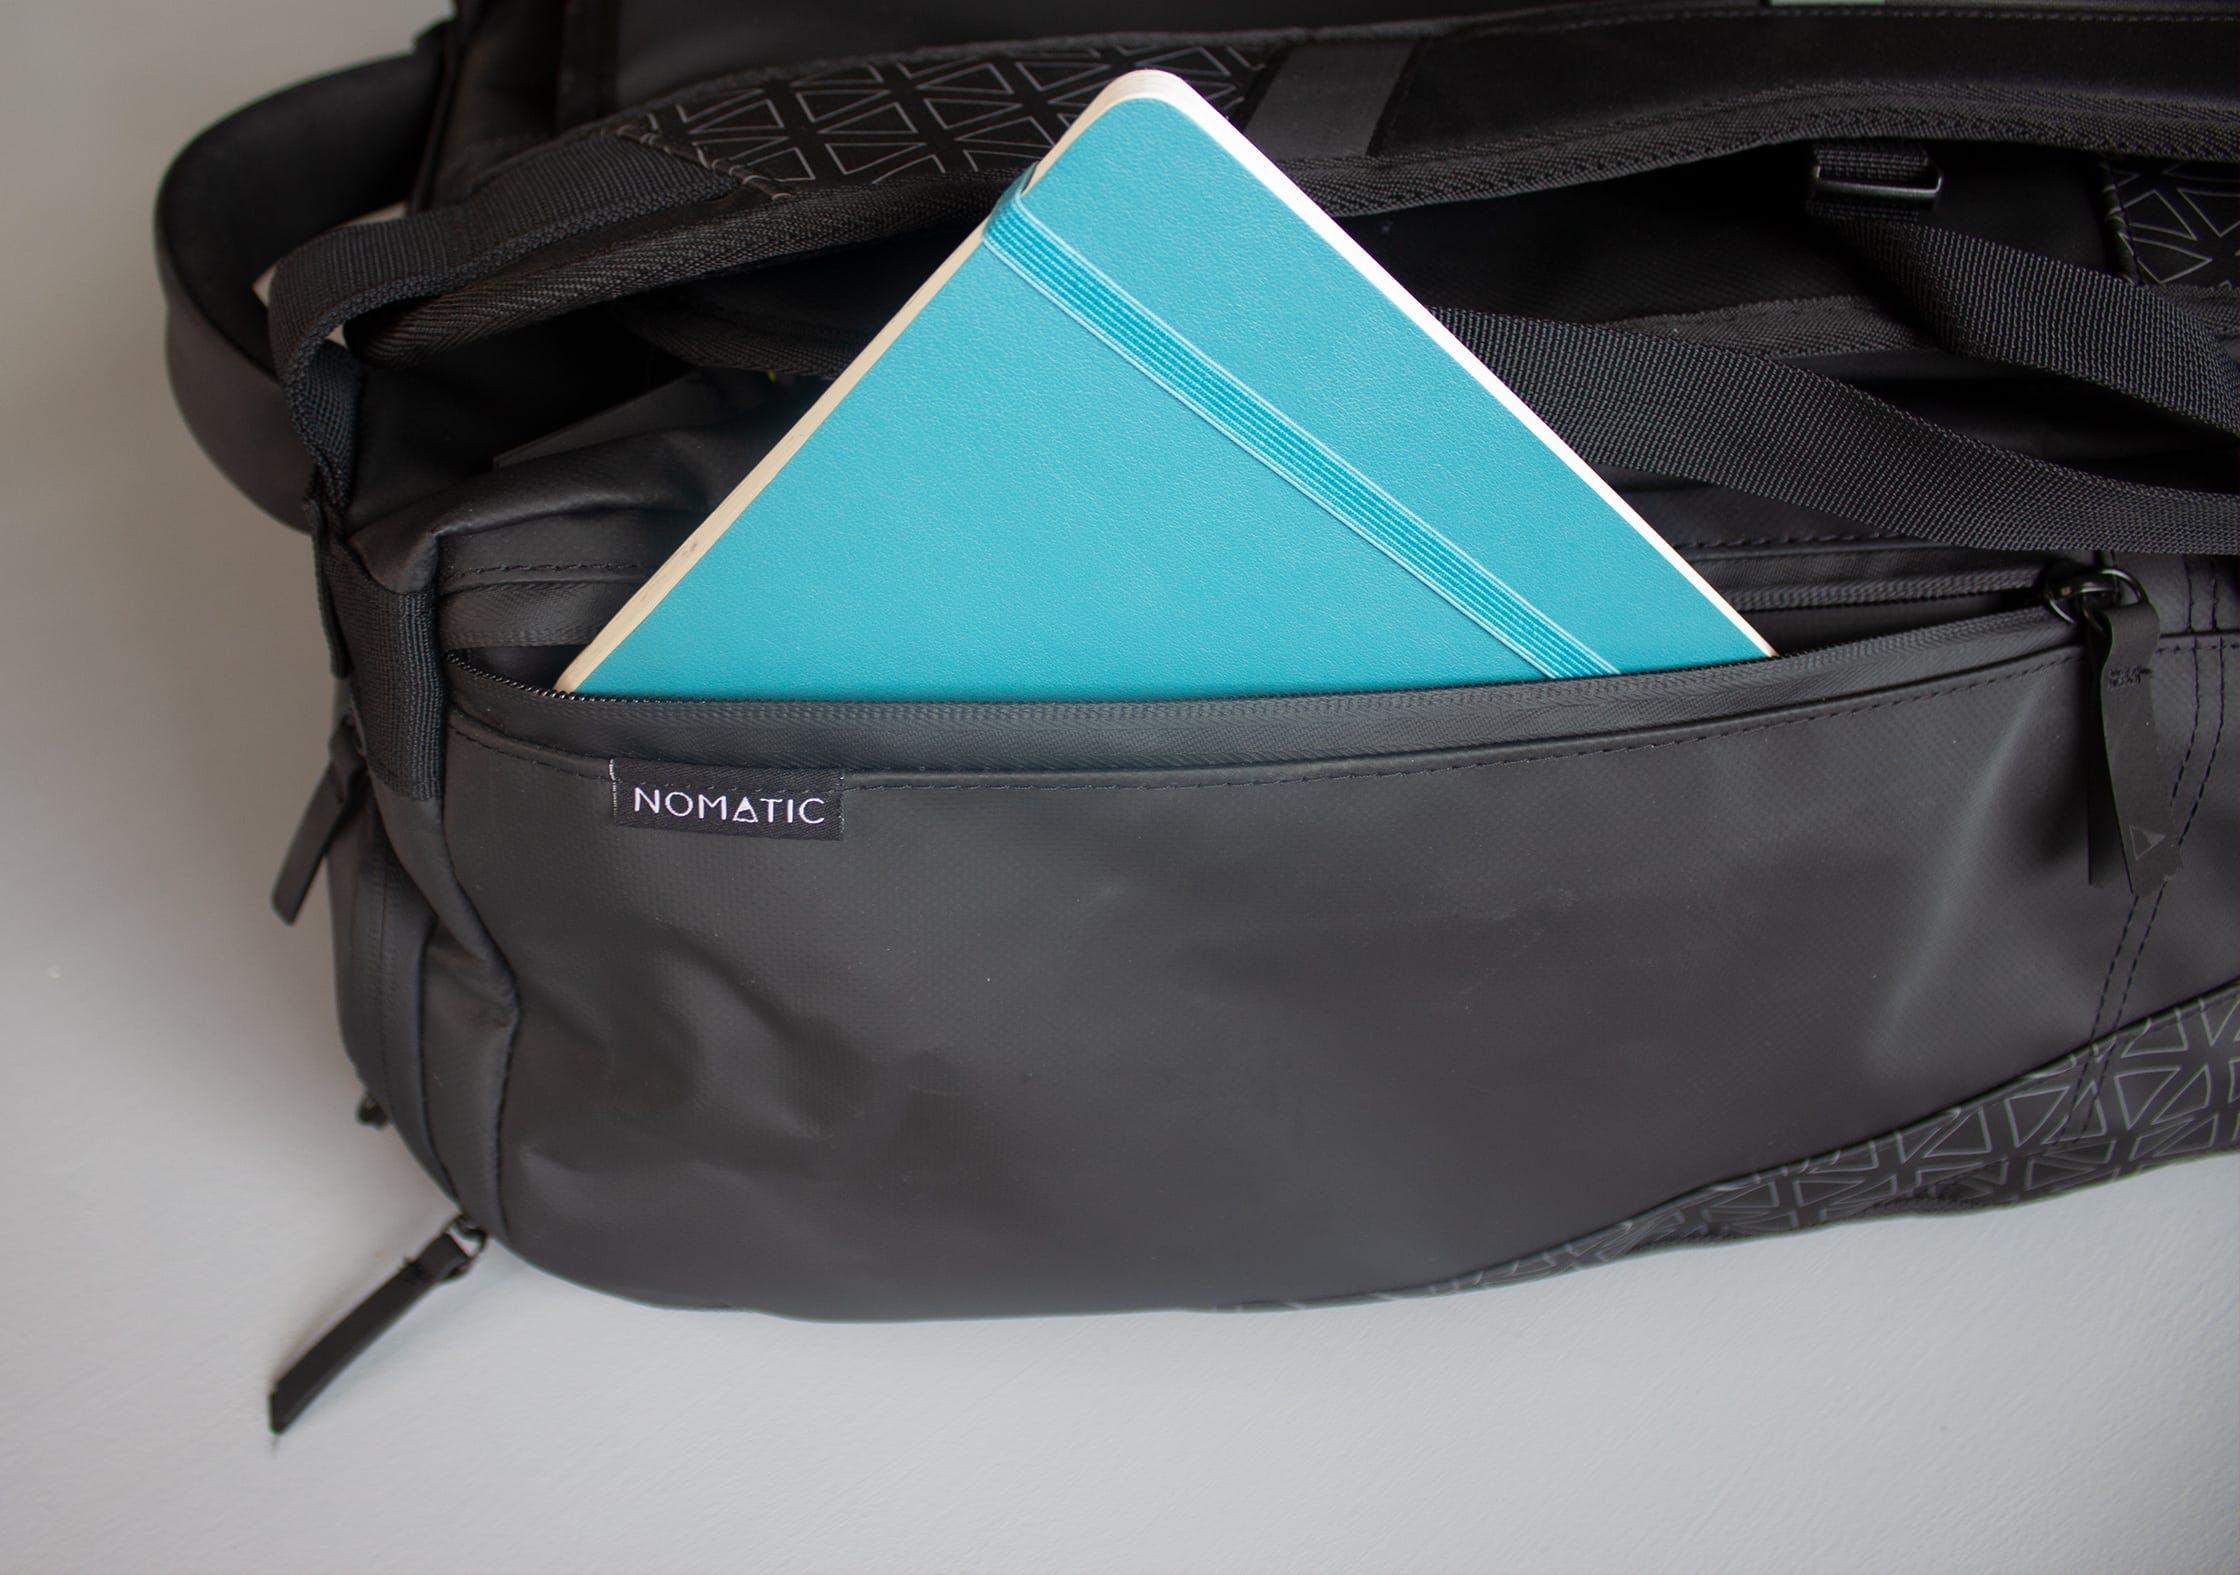 NOMATIC Travel Bag 2/3 Length Side Pocket